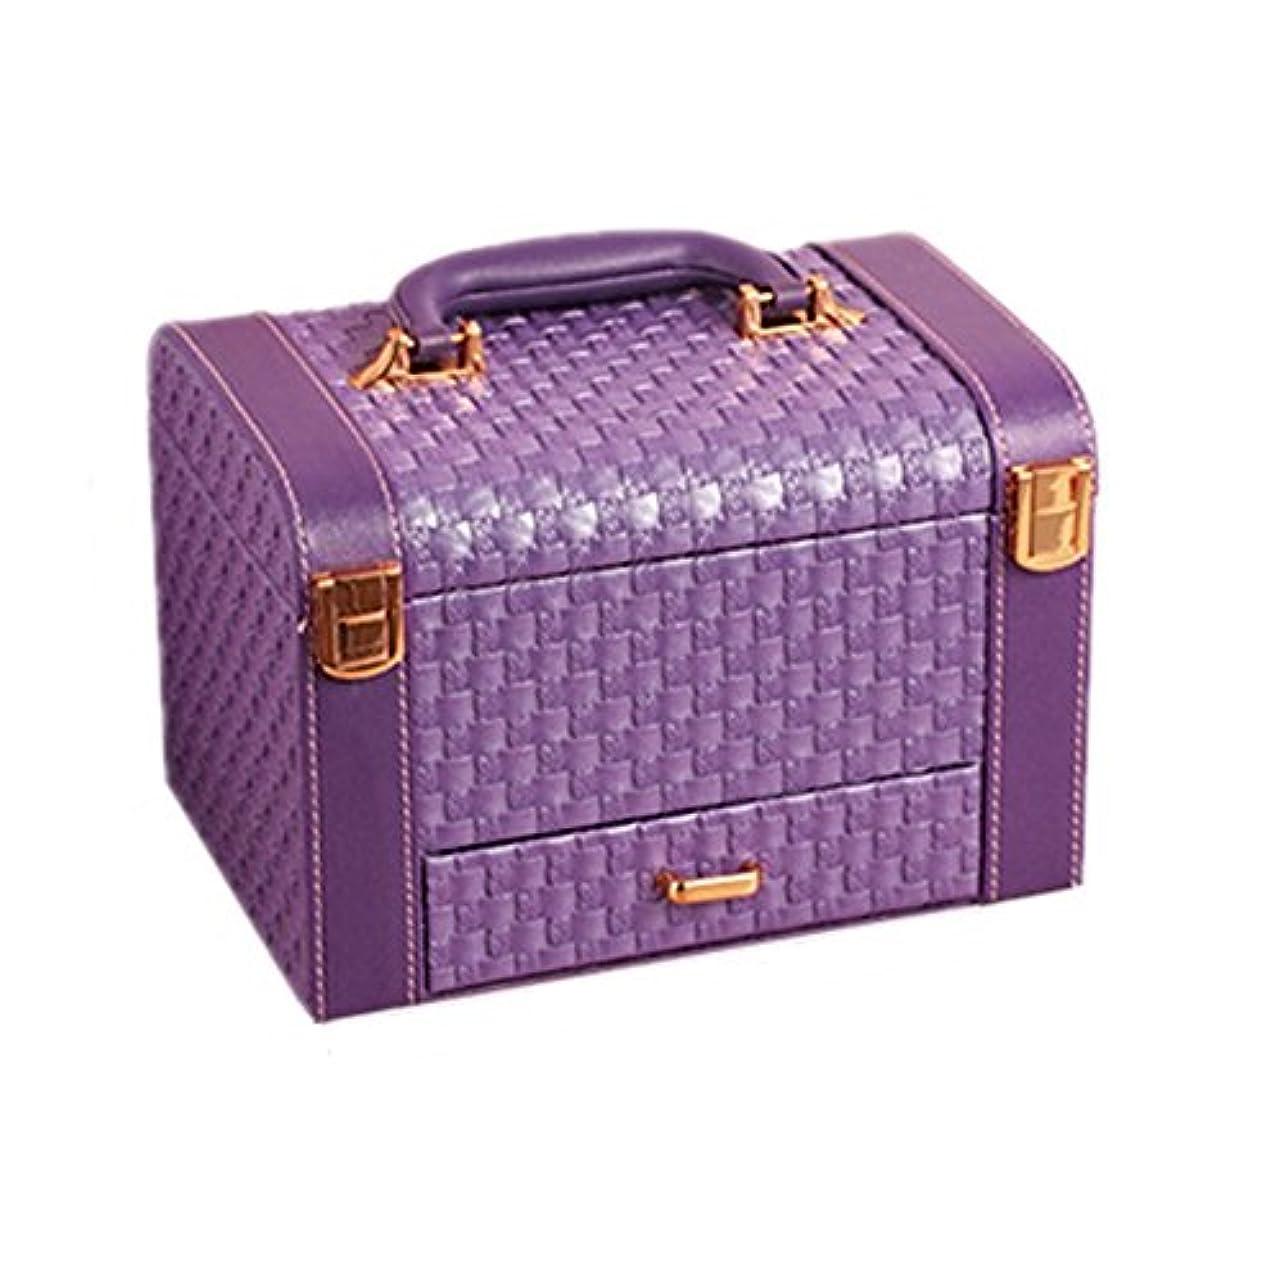 落ち着いてシアー敏感な化粧オーガナイザーバッグ 紫のポータブル化粧品ケース旅行のための美容メイクアップコンパートメントの小さなものの種類のための 化粧品ケース